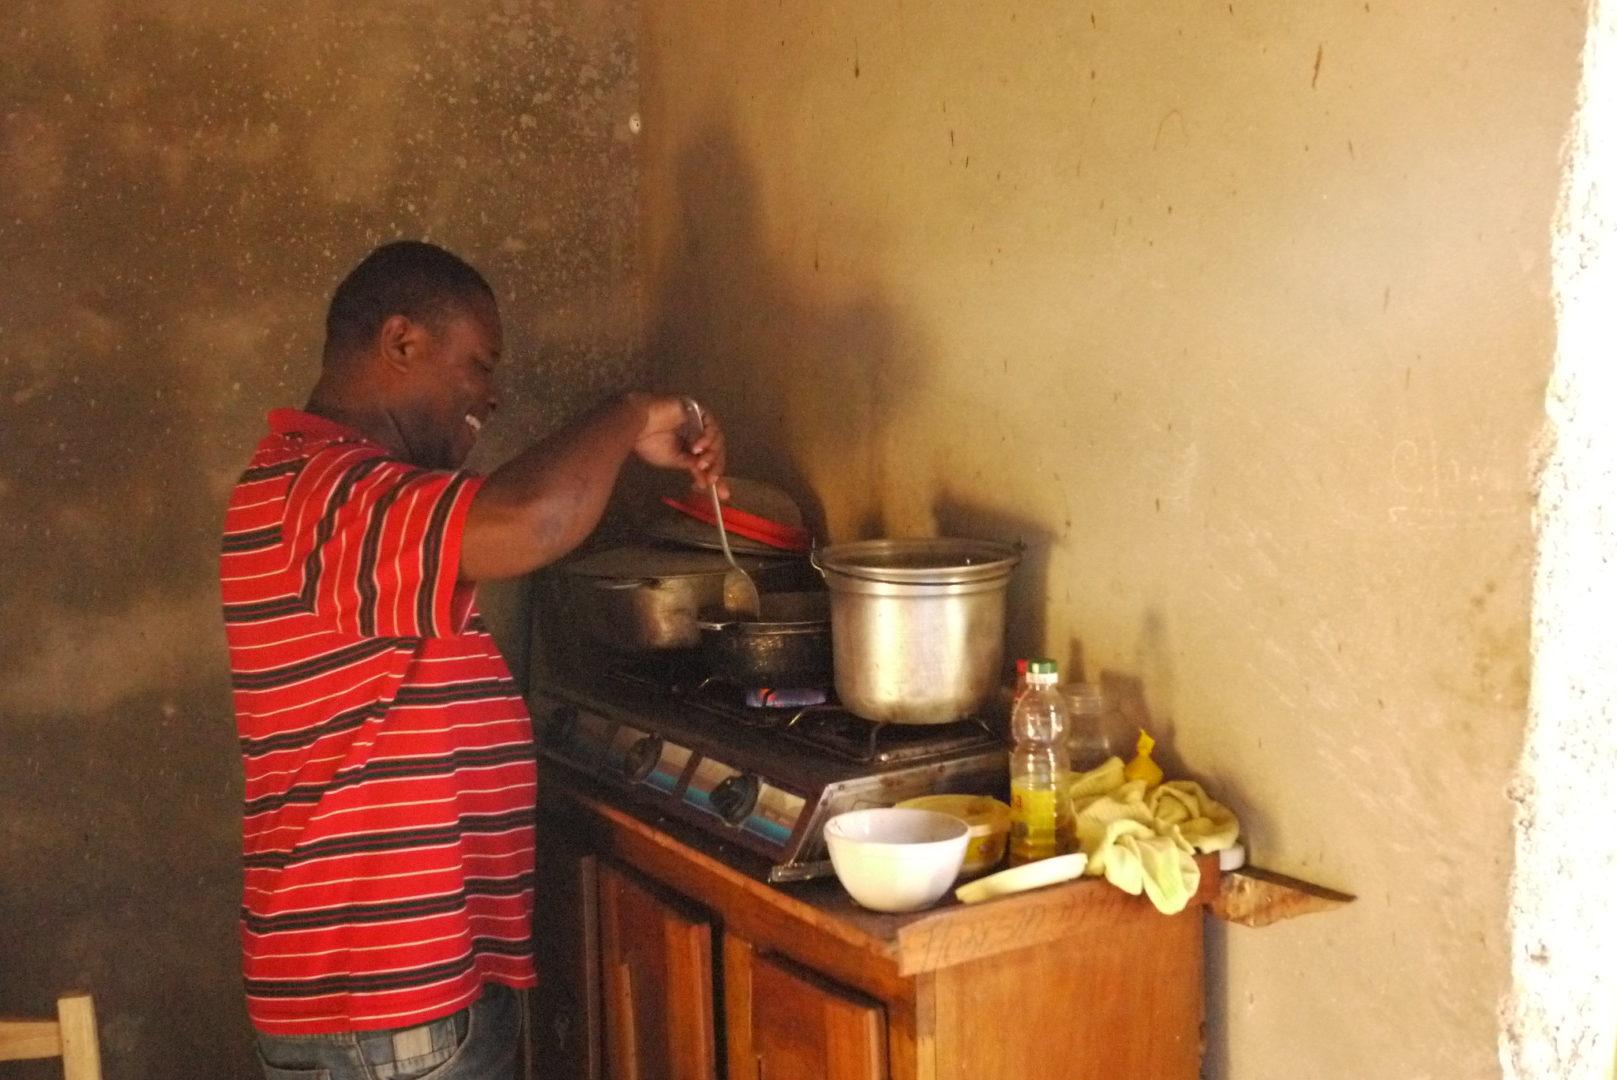 Repurposed leftovers helps reduce food waste